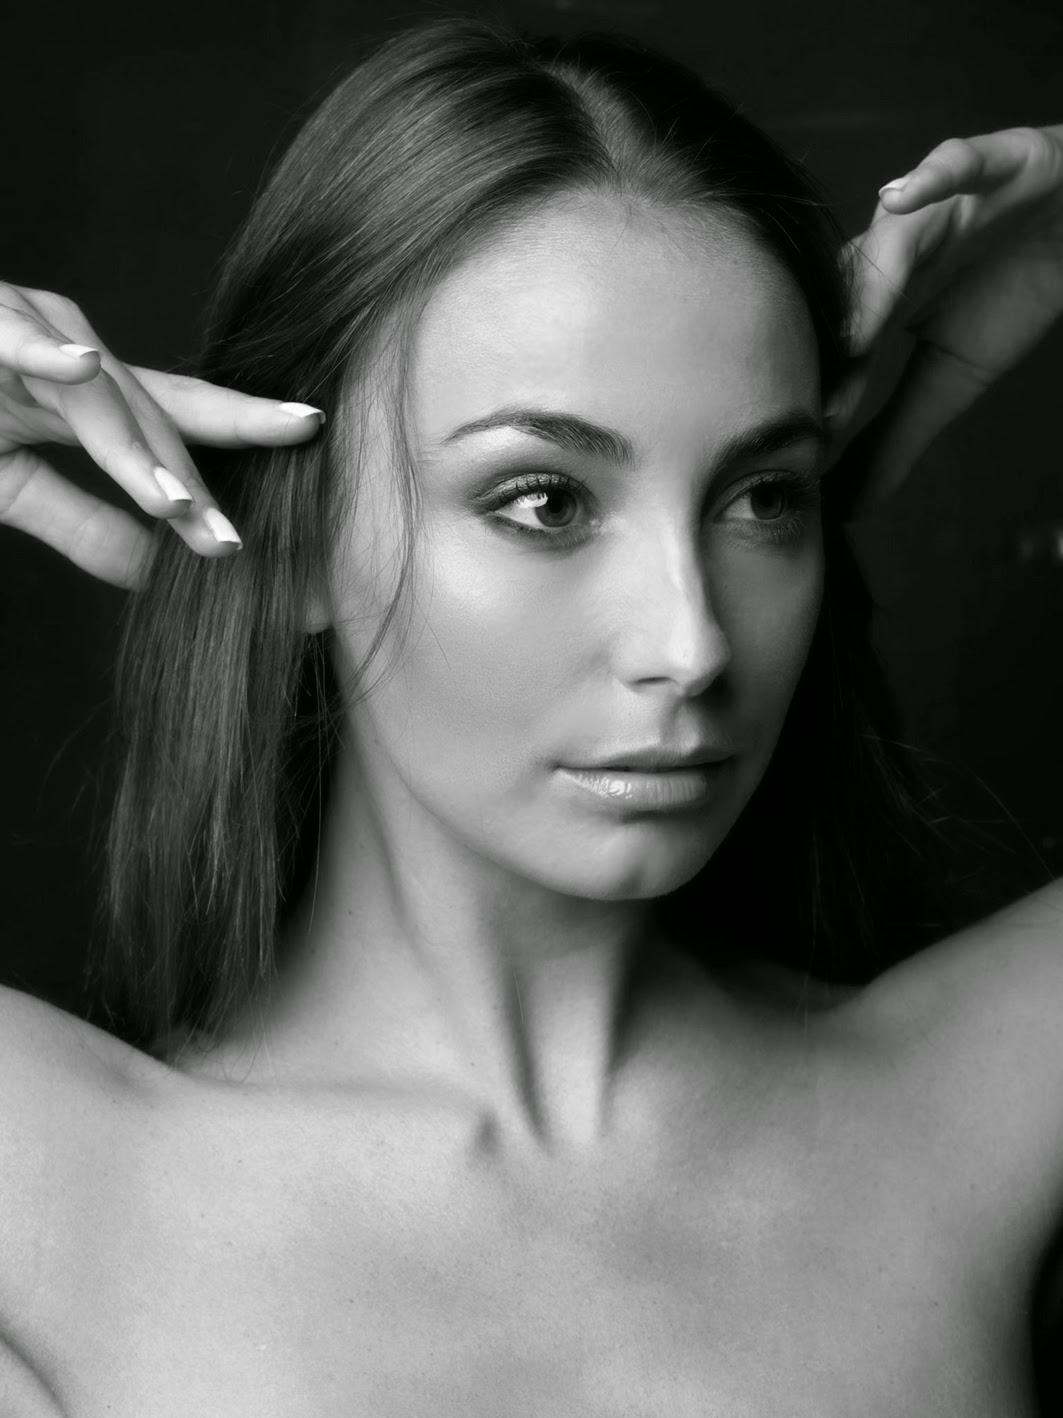 Bree Robertson Nude Photos